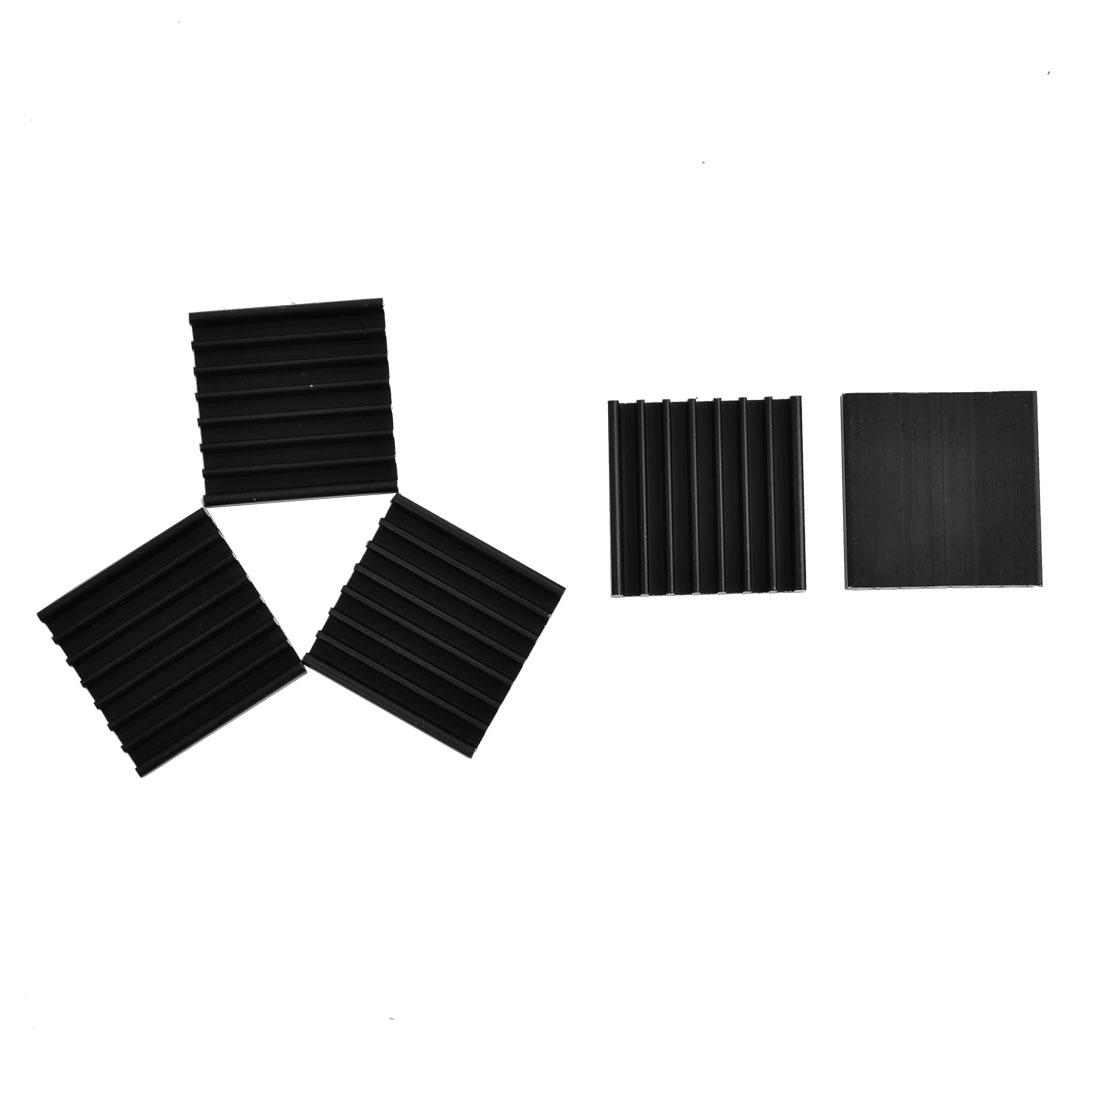 Aluminium Heat Diffuse Cooling Fin Cooler Black 25mm x 25mm x 5mm 5 Pcs